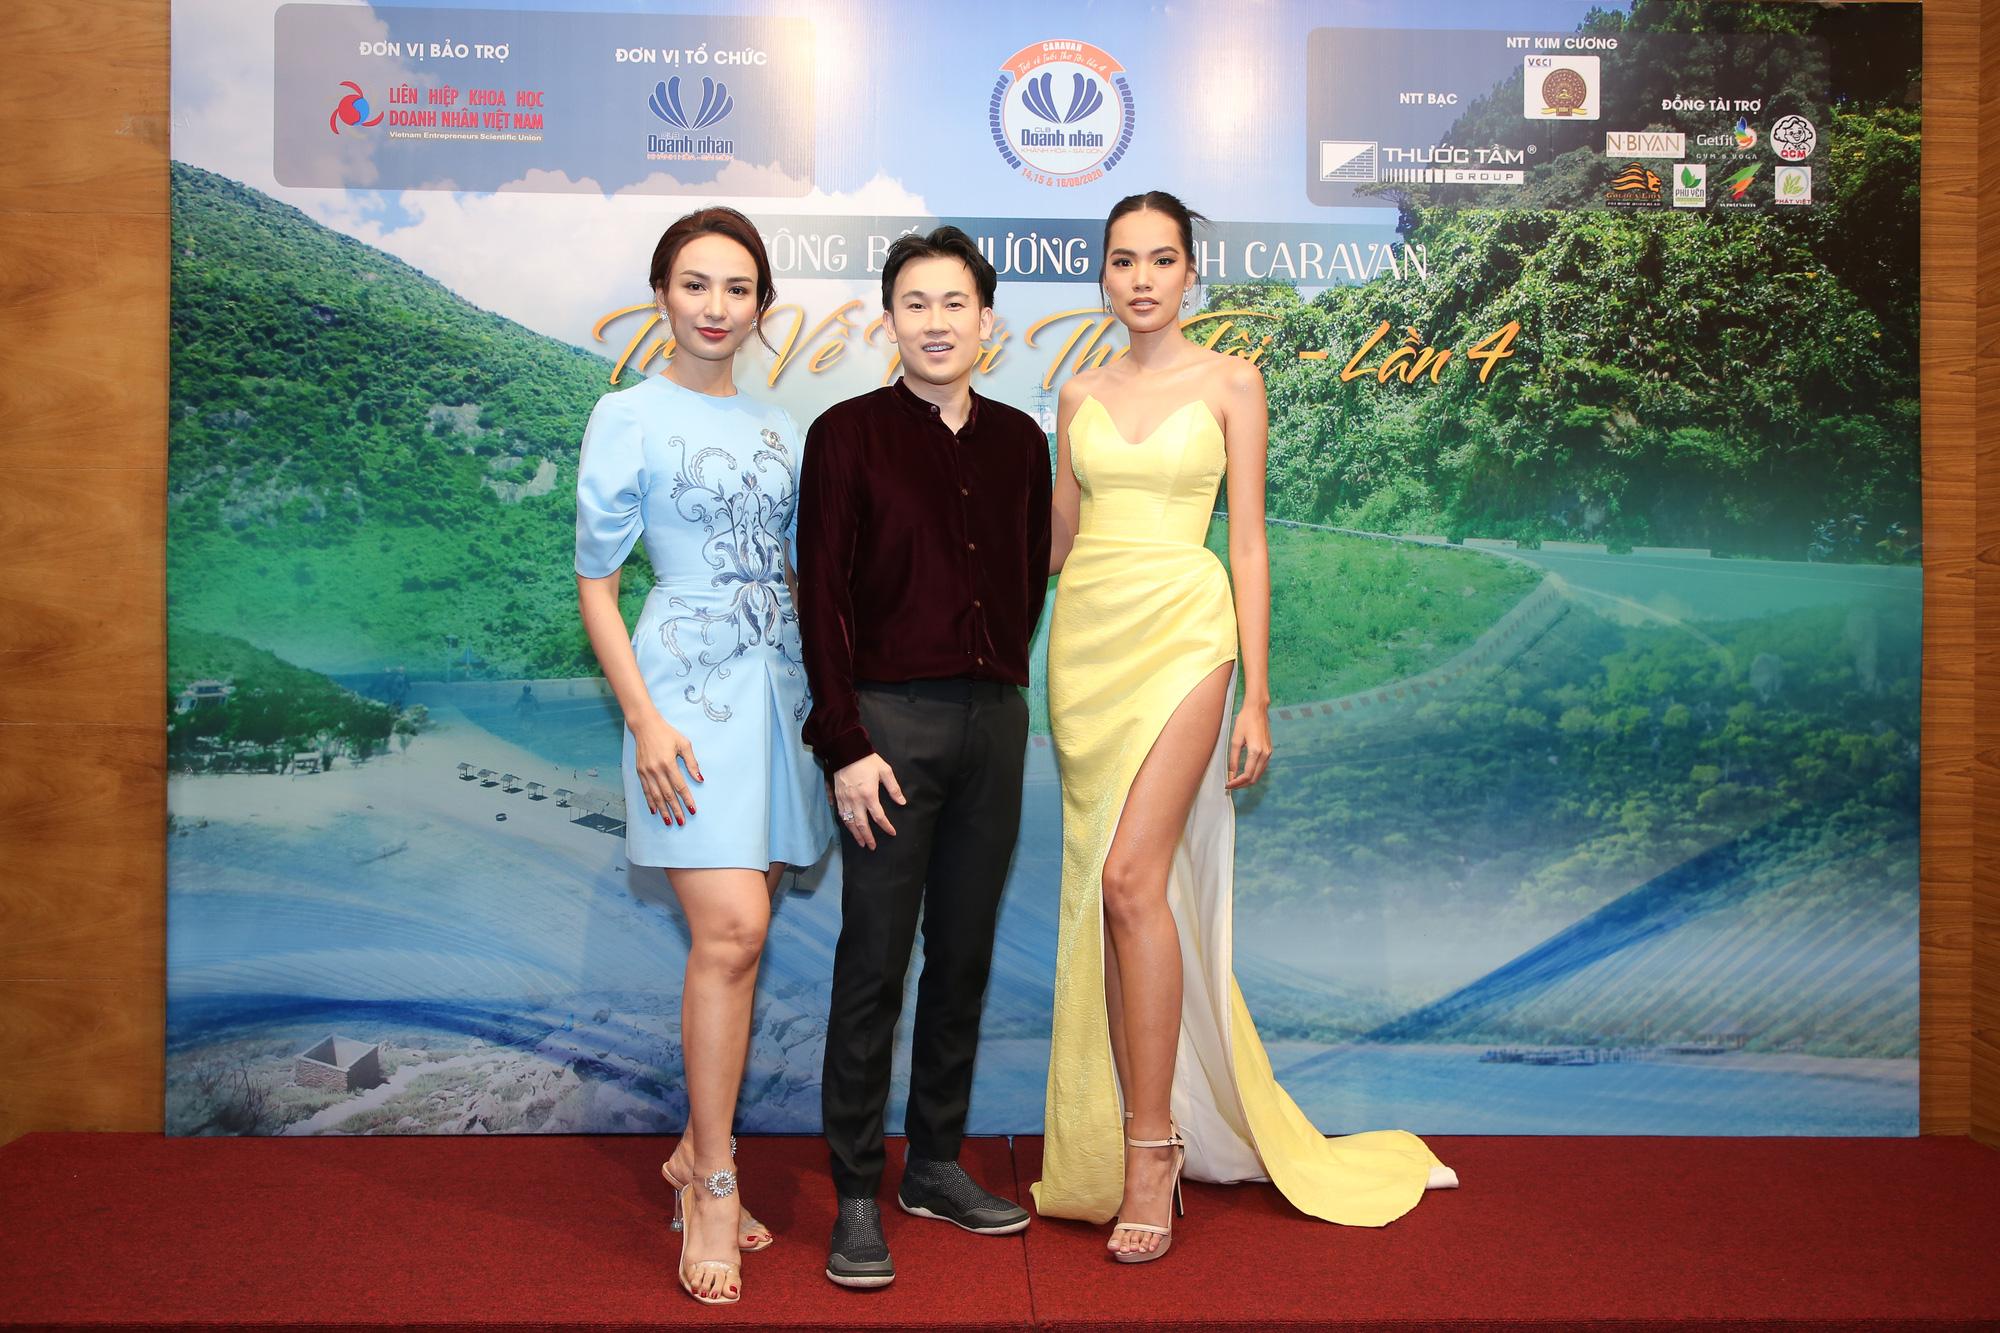 Hoa hậu Ngọc Diễm hội ngộ Dương Triệu Vũ tại Caravan thiện nguyện - Ảnh 1.